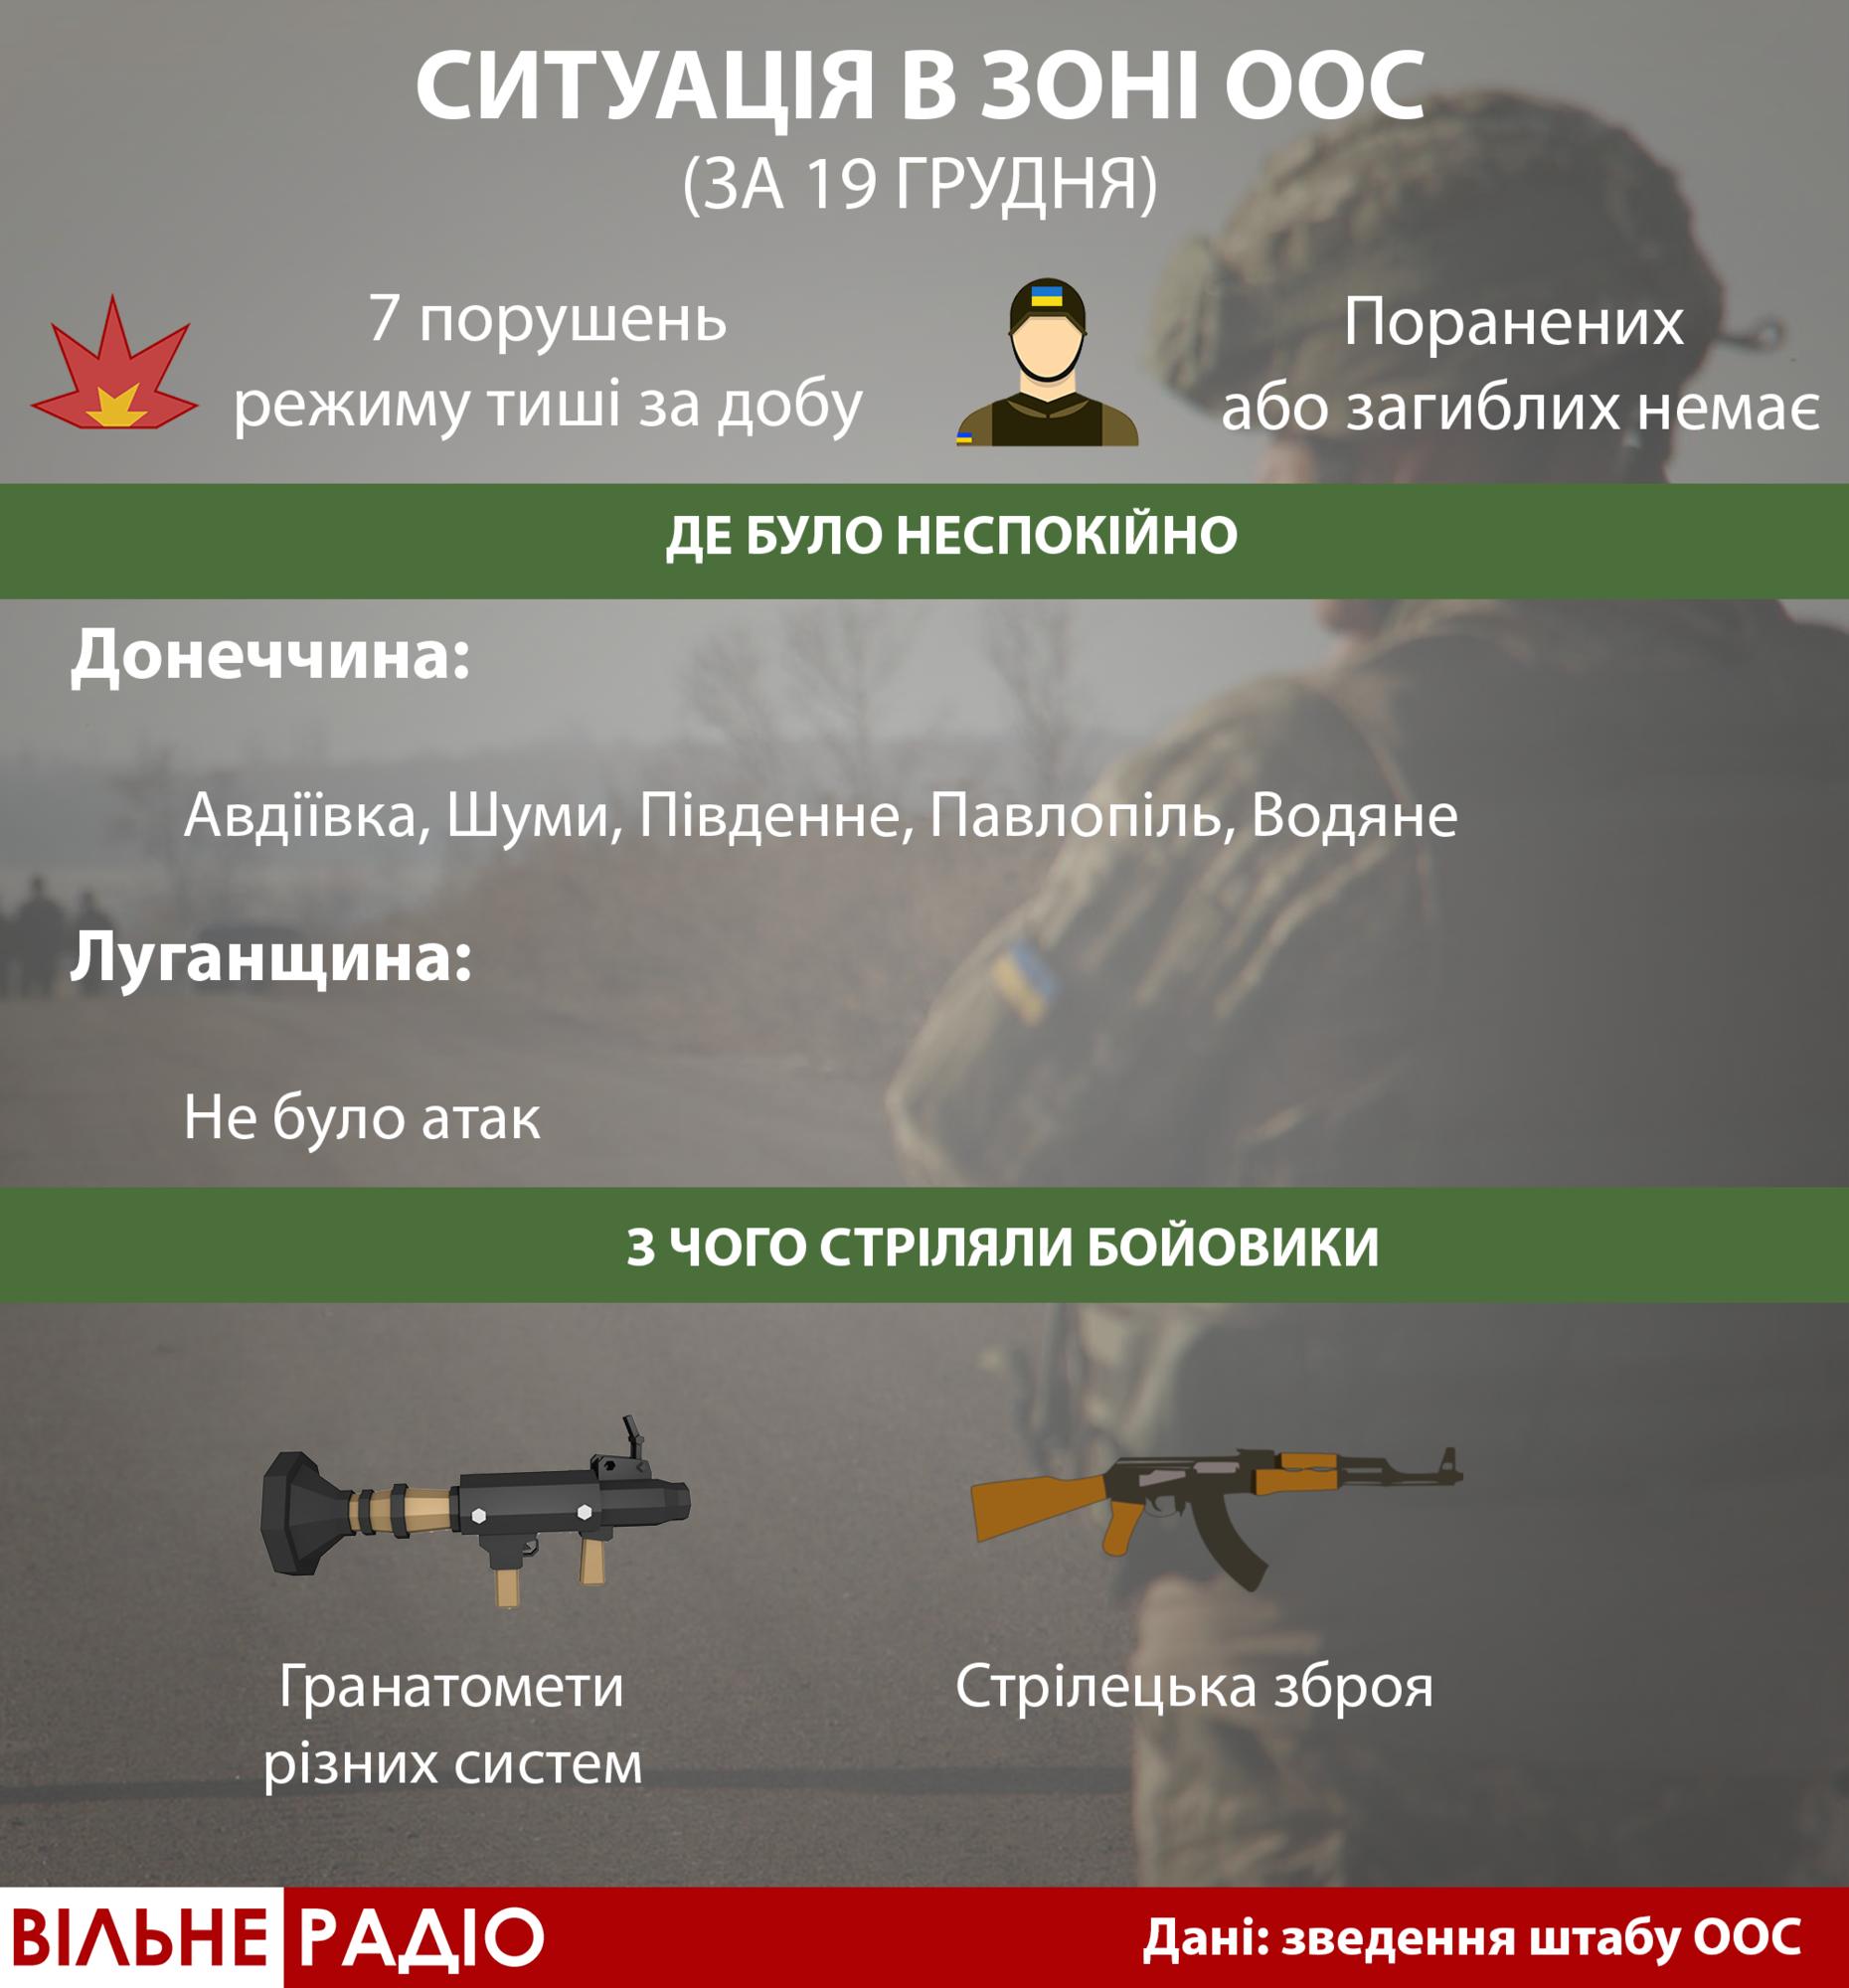 19 грудня на Донбасі: бойовики коригували свої обстріли розвідкою з неба. Безпілотника вивели з ладу (Інфографіка)